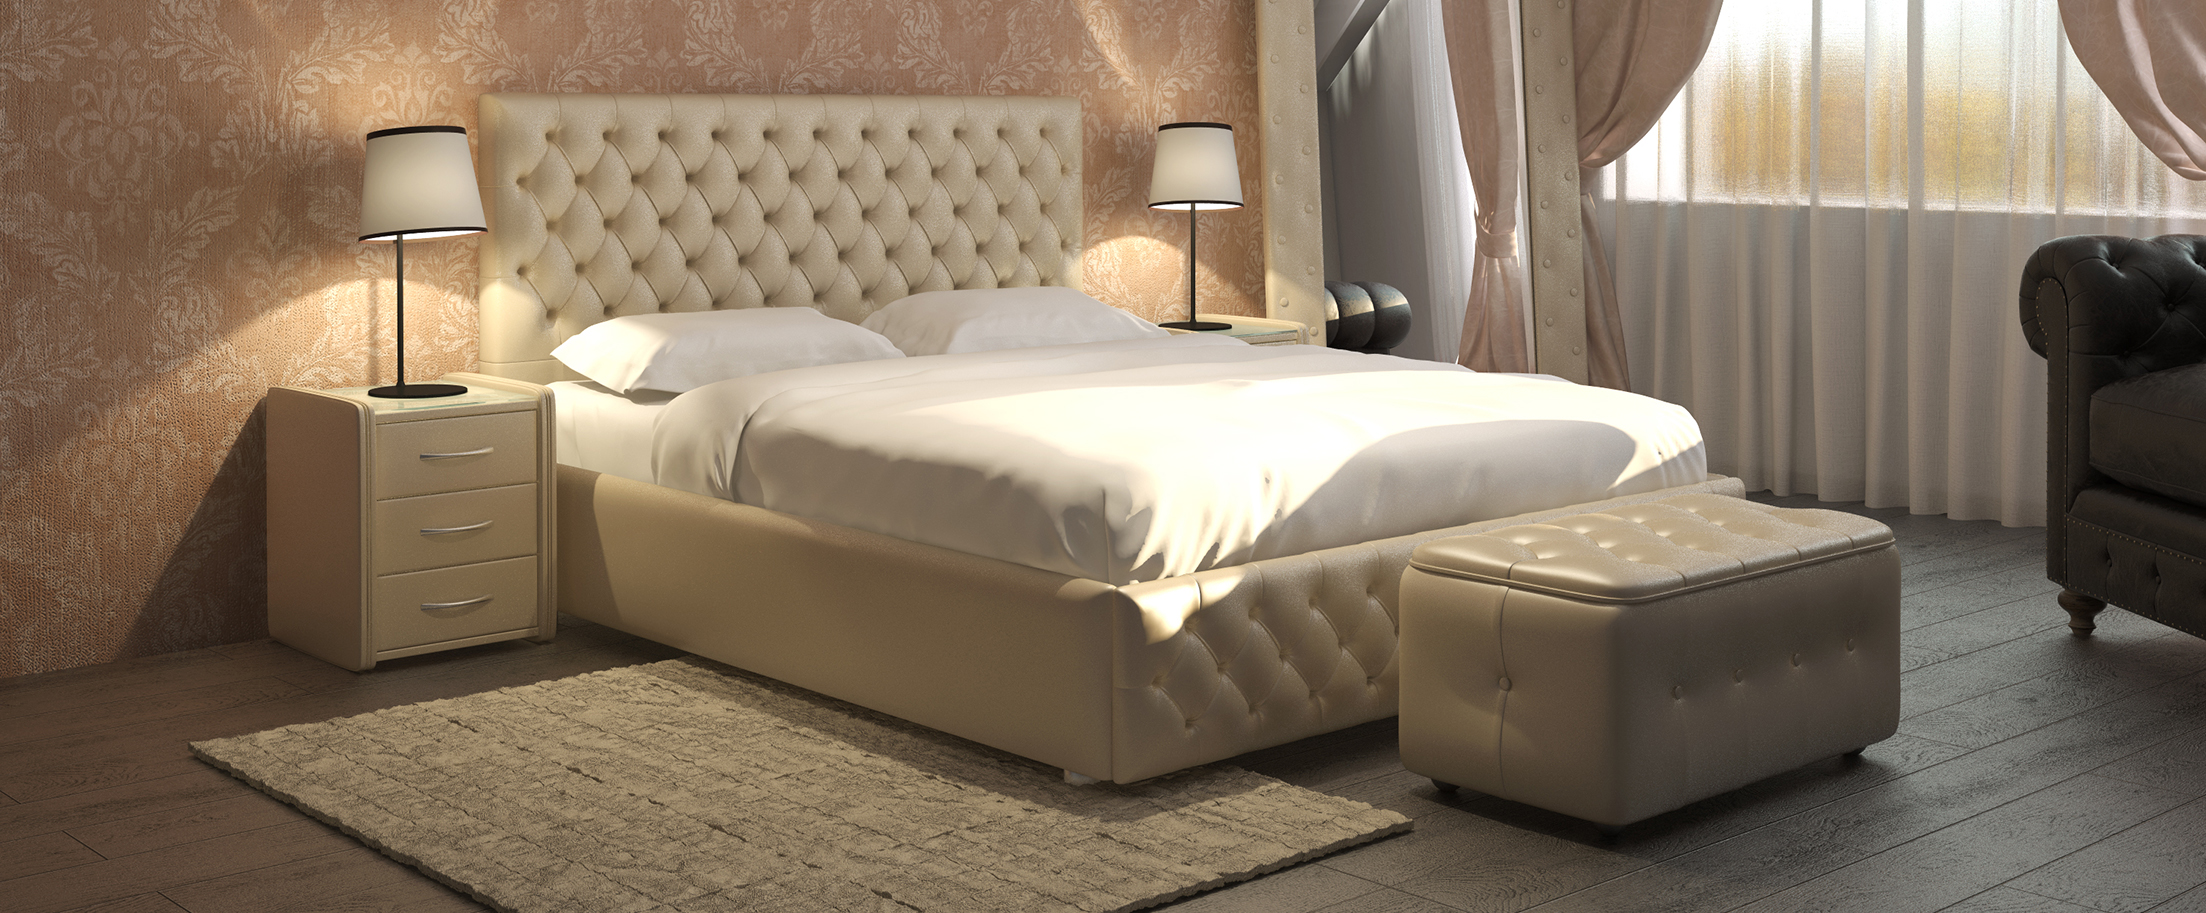 Кровать двуспальная Купол Тысячелетия Модель 385Роскошная кровать с глубокими утяжками на спинке и передней царге сочетает в себе романтику и комфорт, нежность и уверенную в себе красоту. Создаст неповторимую атмосферу уюта и спокойствия в Вашей спальне.<br><br>Ширина см: 175<br>Глубина см: 218<br>Высота см: 110<br>Ширина спального места см: 160<br>Глубина спального места см: 200<br>Встроенное основание: Есть<br>Материал каркаса: ДСП<br>Материал обивки: Экокожа<br>Подъемный механизм: Нет<br>Цвет: Бежевый<br>Код ткани: Рожь